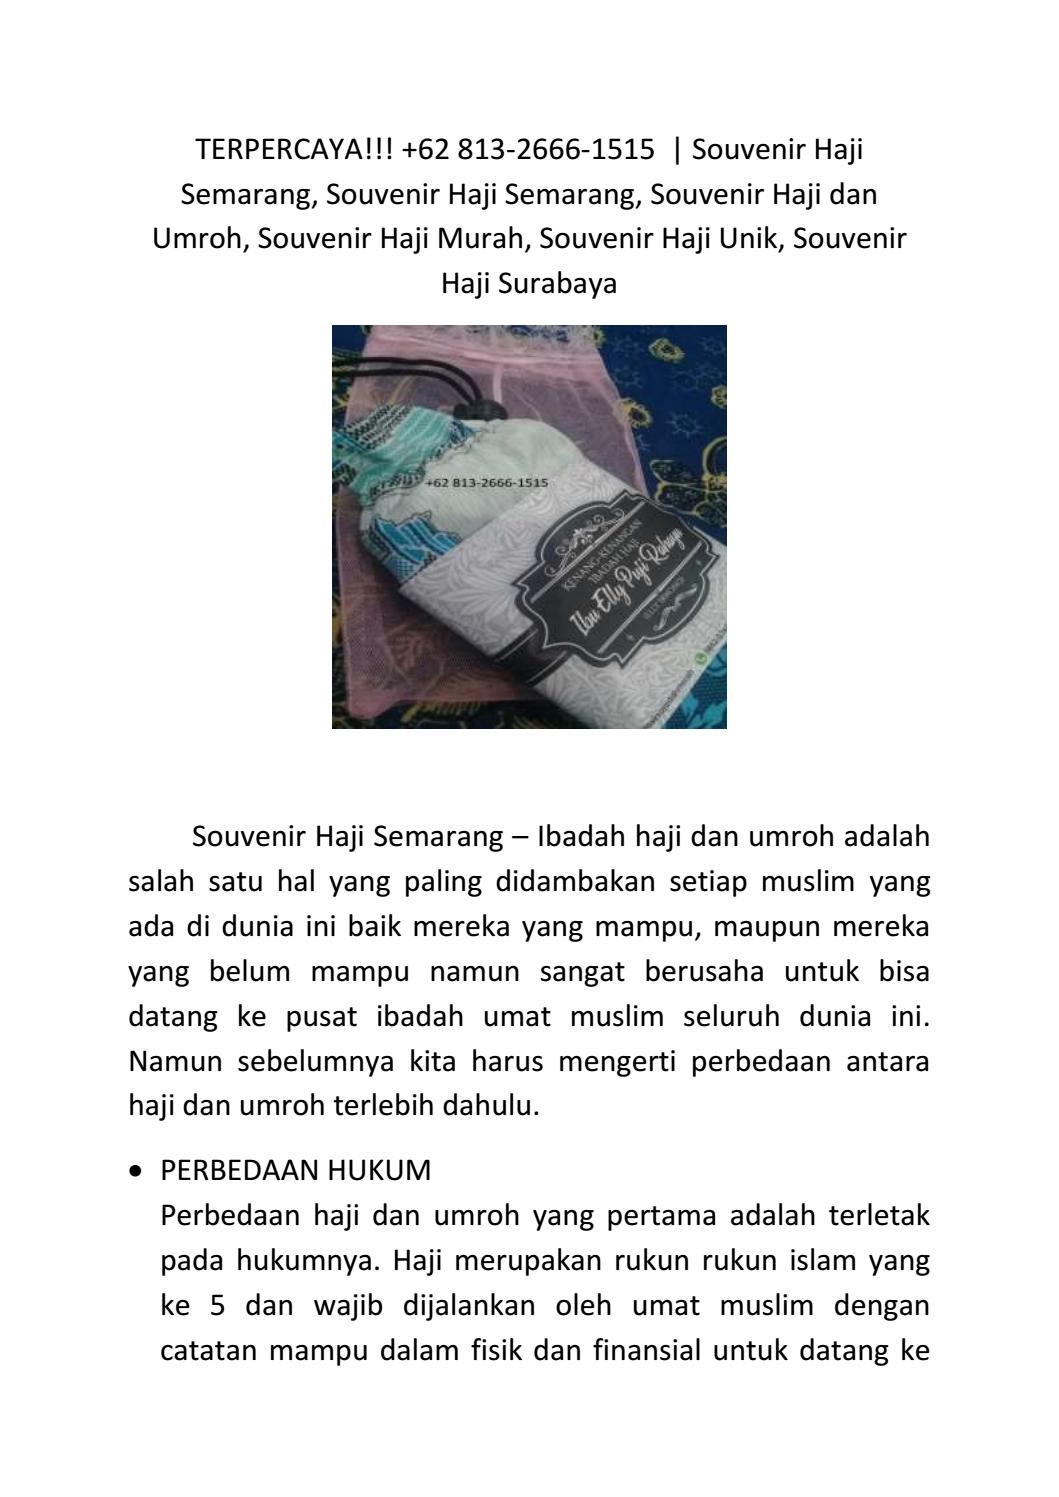 Perbedaan Rukun Haji Dan Umroh : perbedaan, rukun, umroh, TERPERCAYA!!!, Souvenir, Semarang, 813-2666-1515, Pusat, Issuu